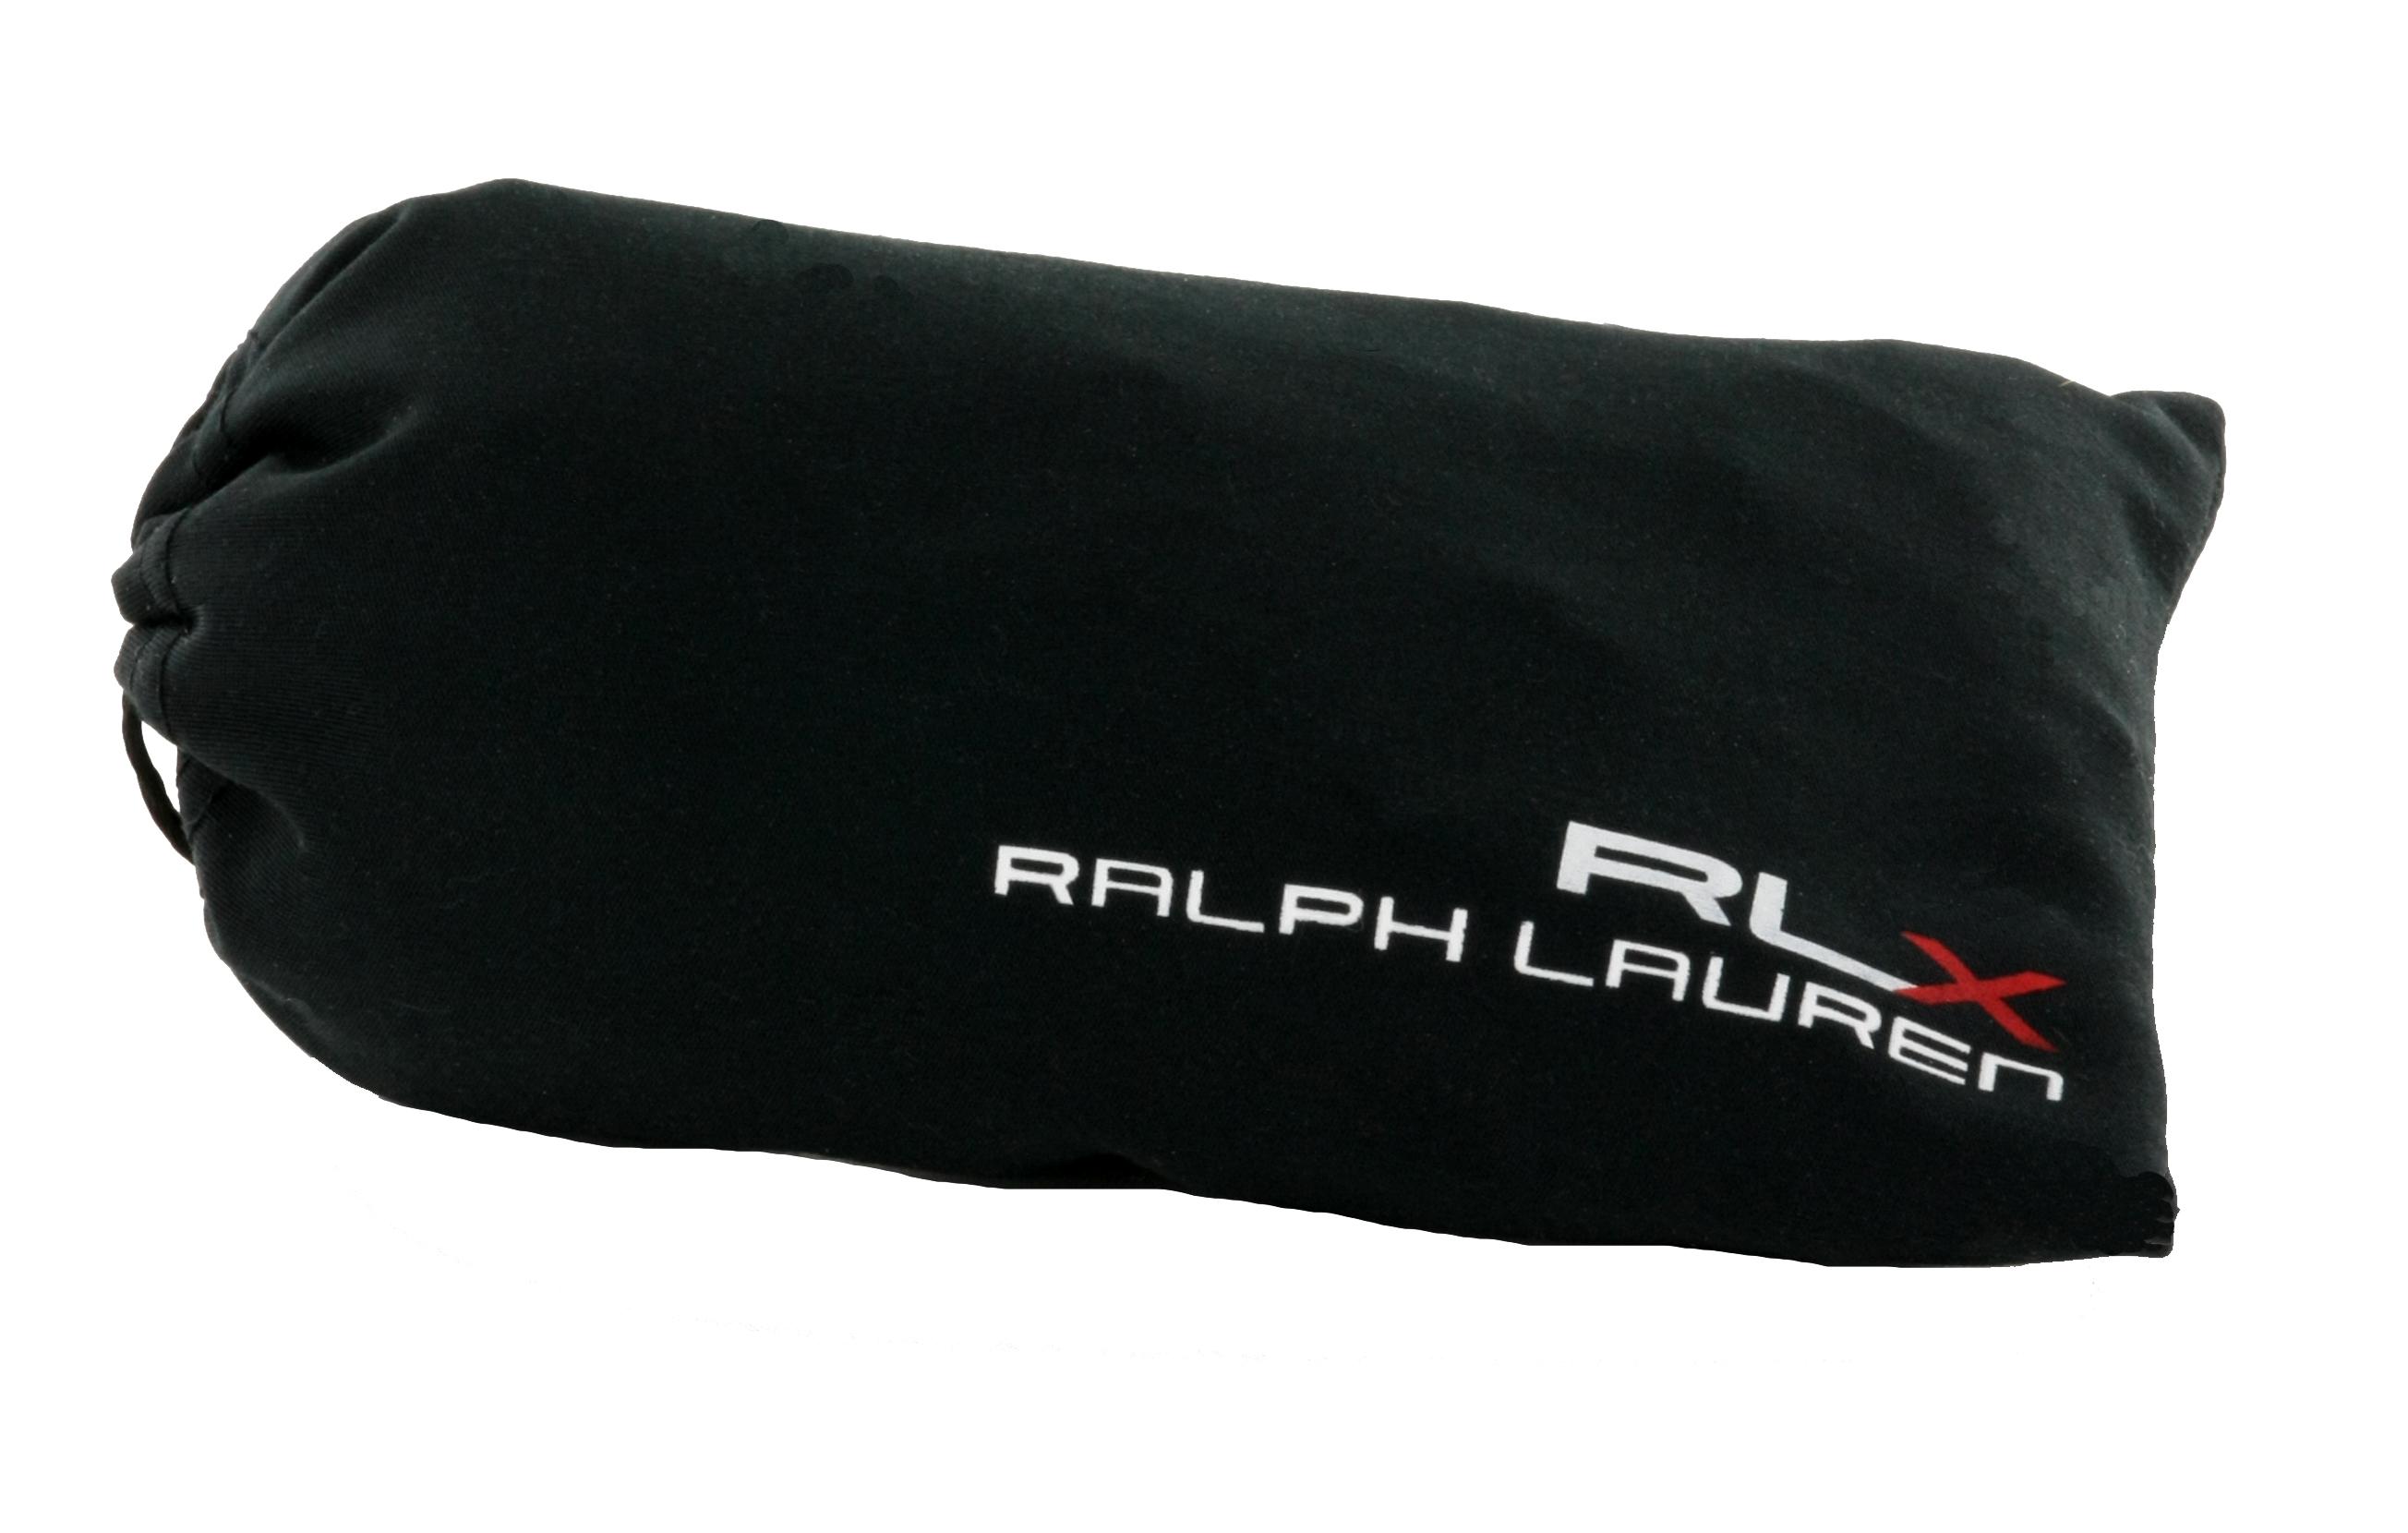 Polo Ralph Lauren RLX Sport Sonnenbrille gelb schwarz 510787 Size 64